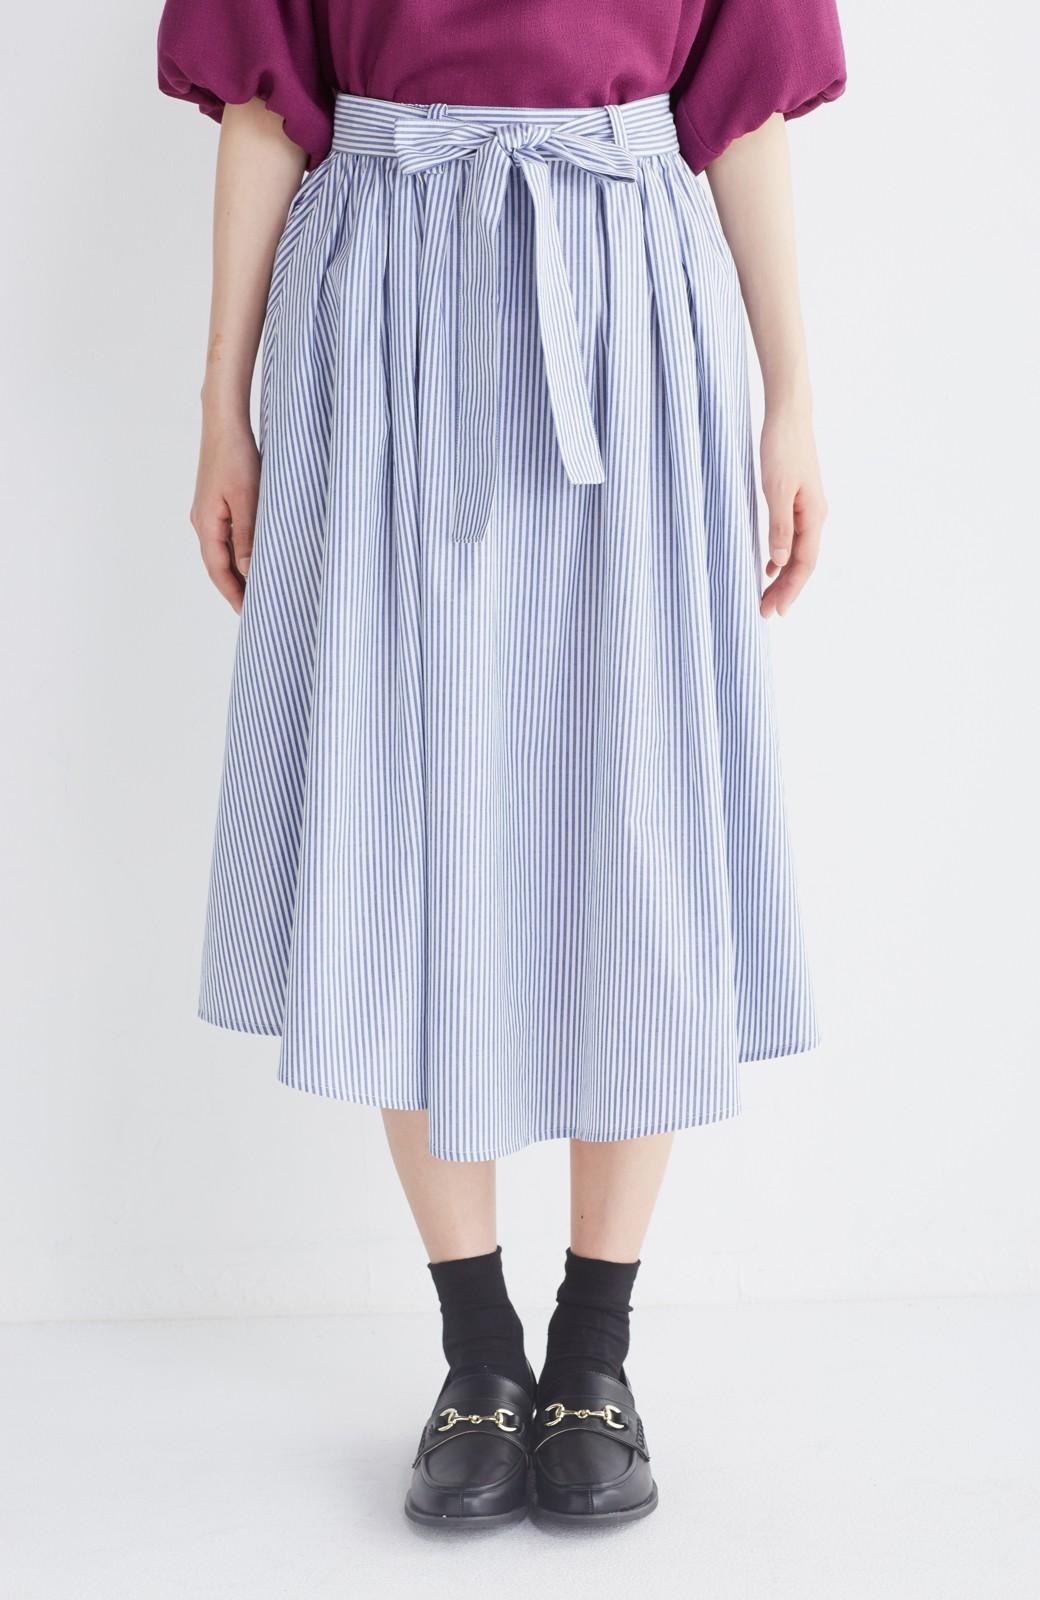 エムトロワ 抜き衿シャツ&ふんわりスカートの総柄セットアップ <ホワイト×ブルー>の商品写真39